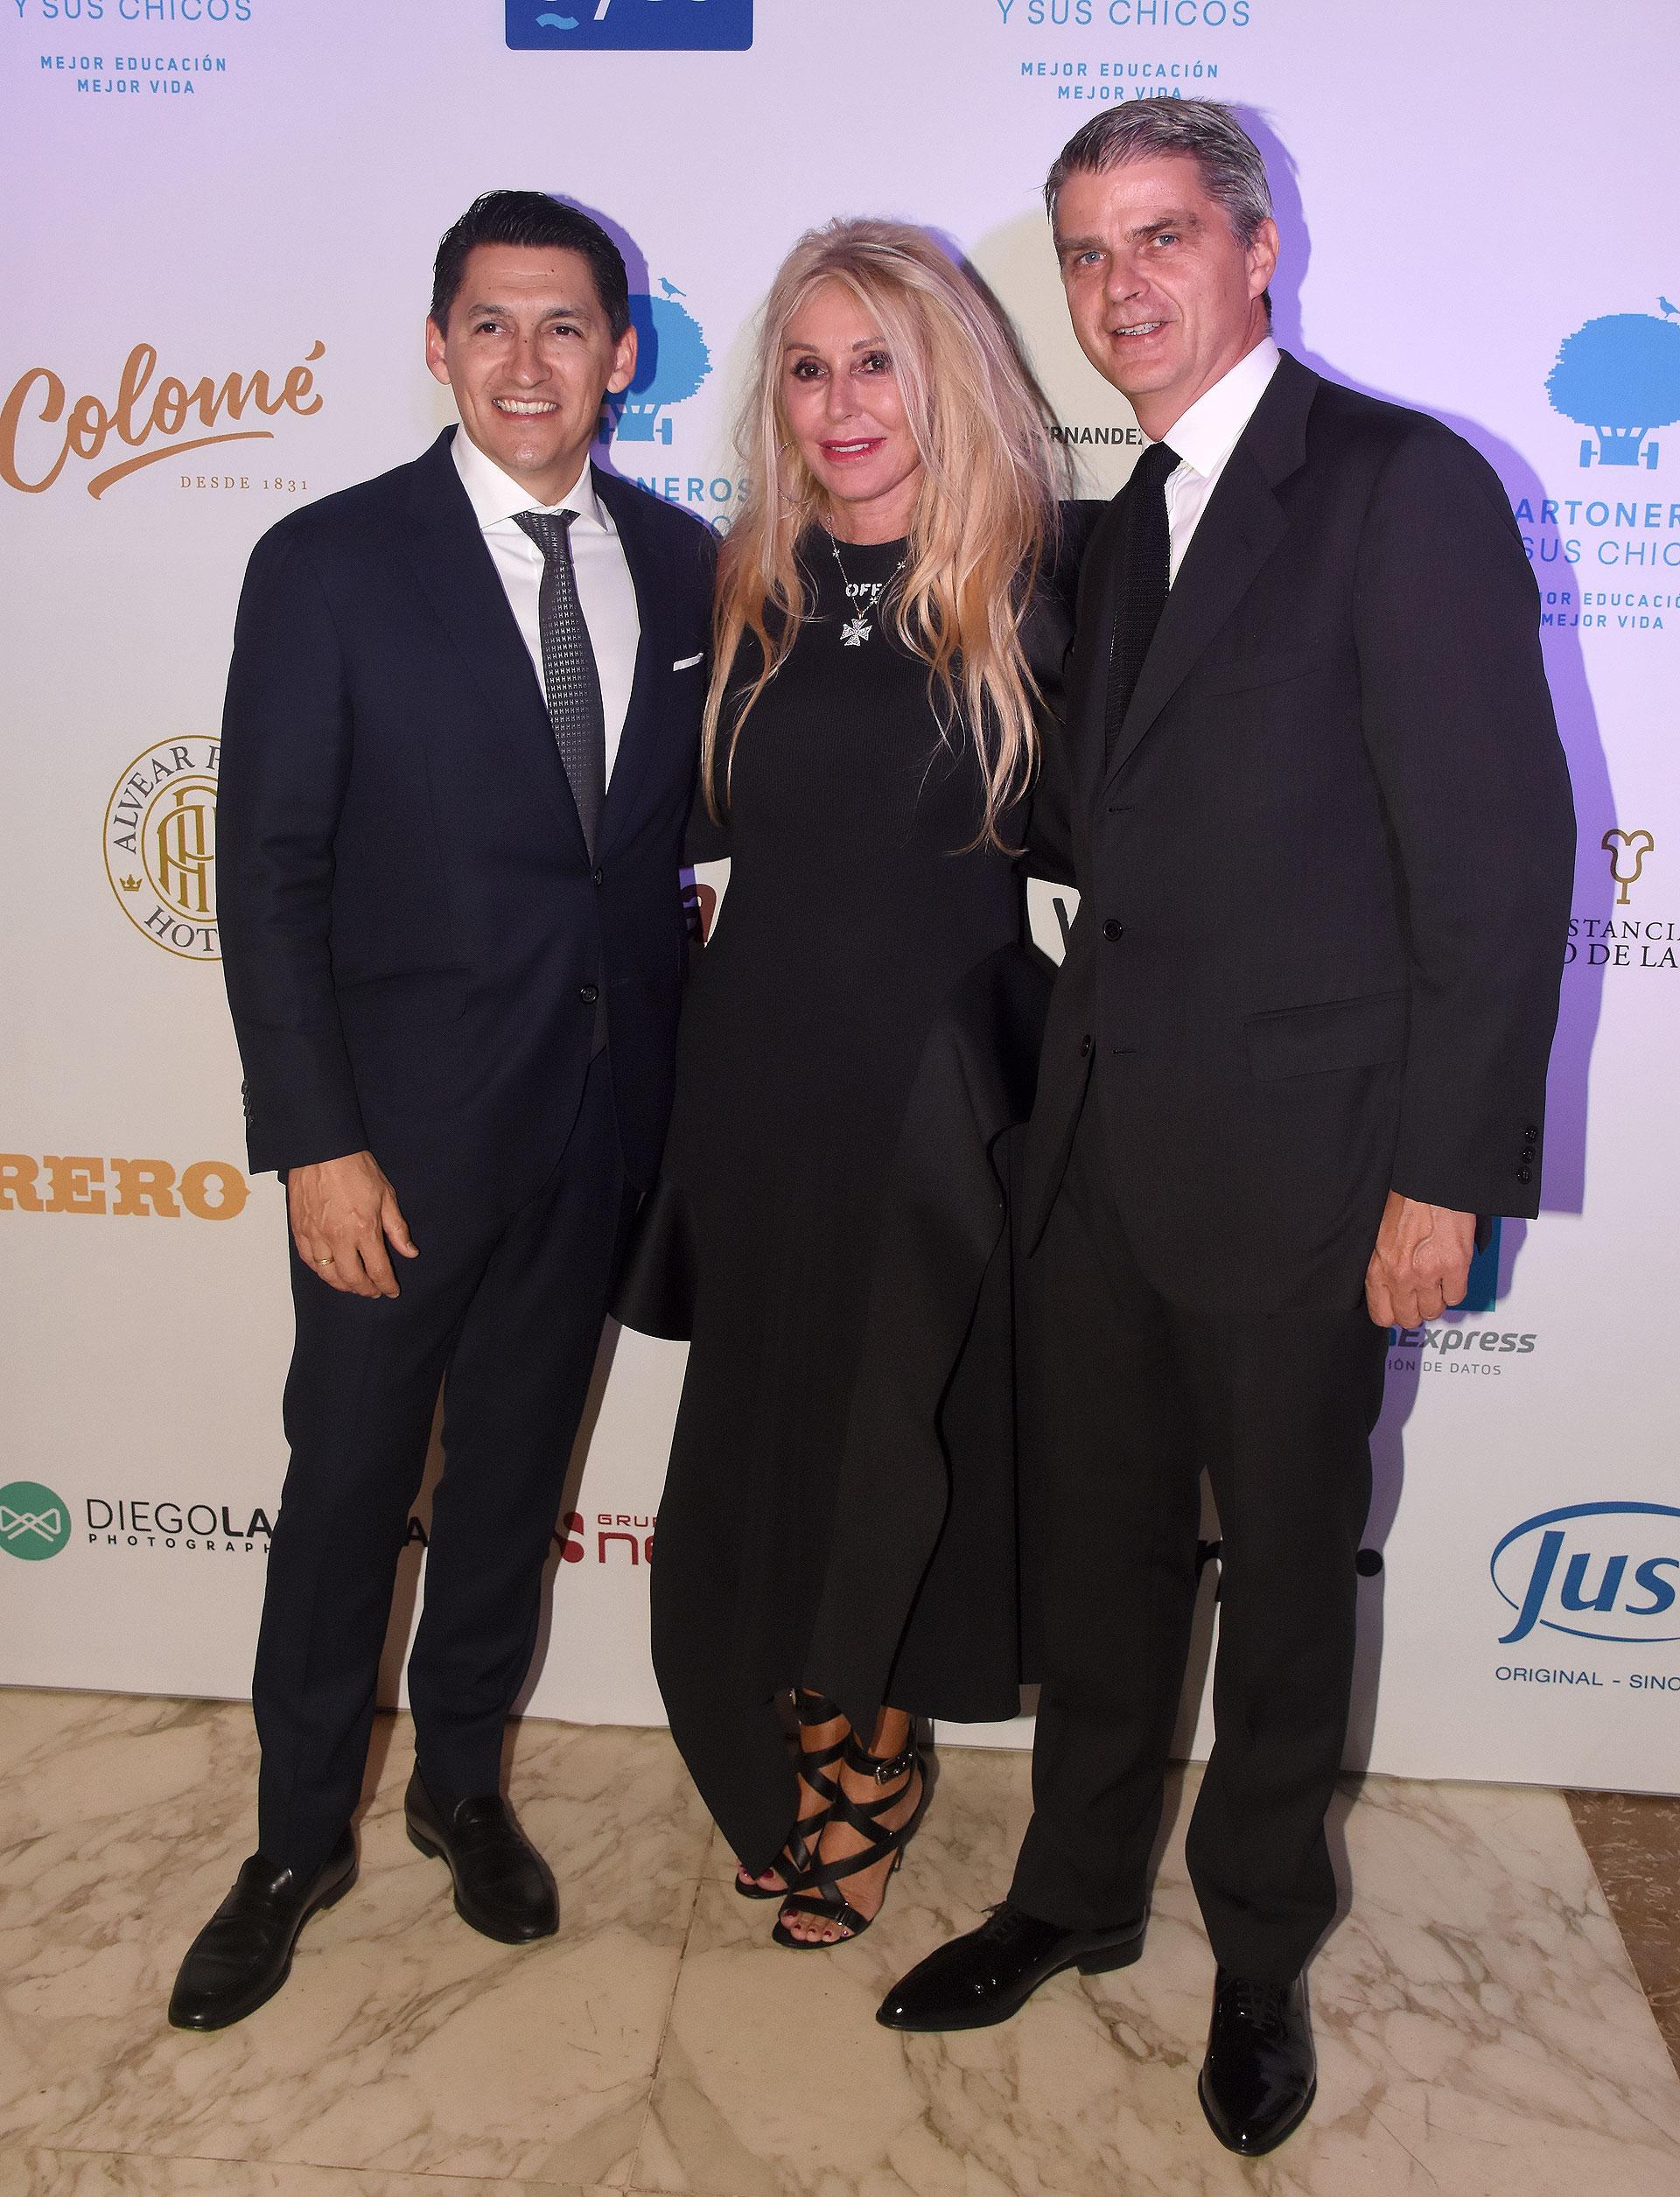 Lucas Hernández, Renata Jacobs y Hervé Pollet, integrantes del Consejo de Administración de la Fundación